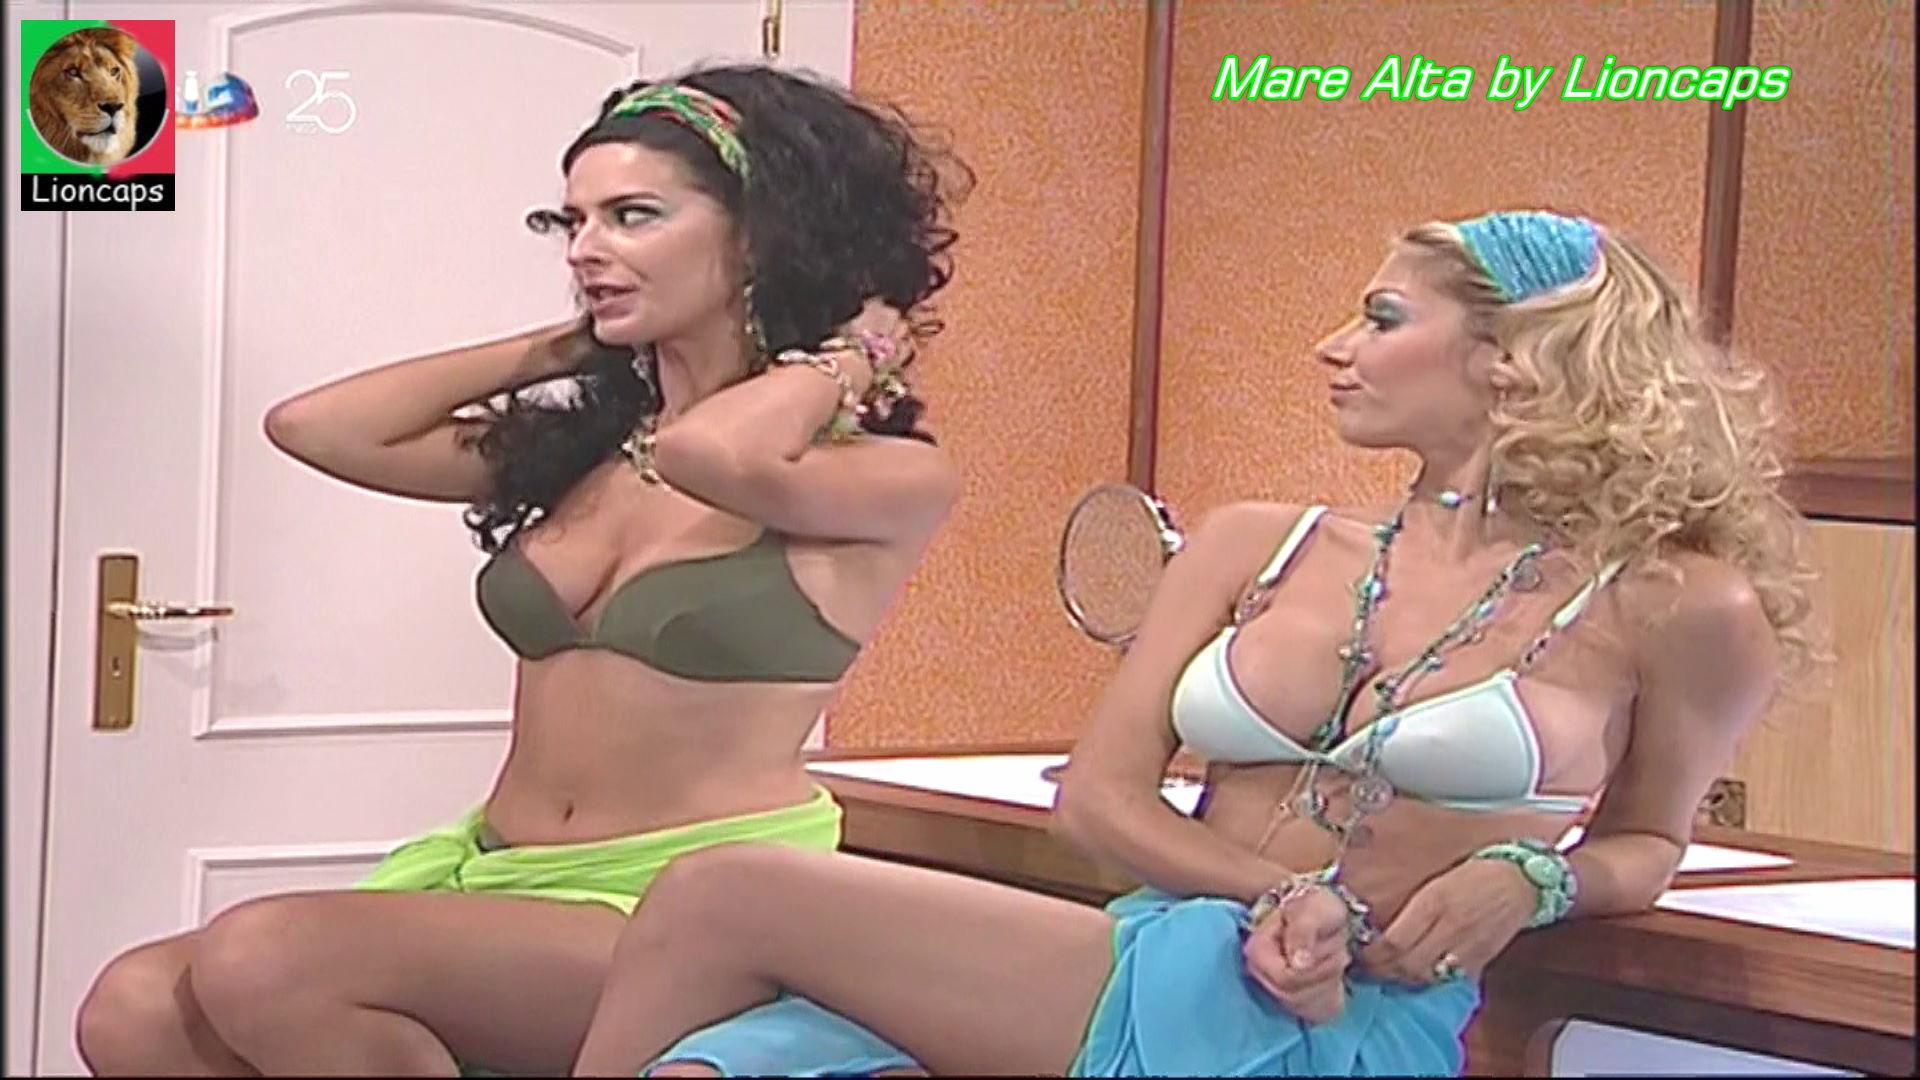 304430611_mare_alta_vs171203_0656_122_152lo.JPG